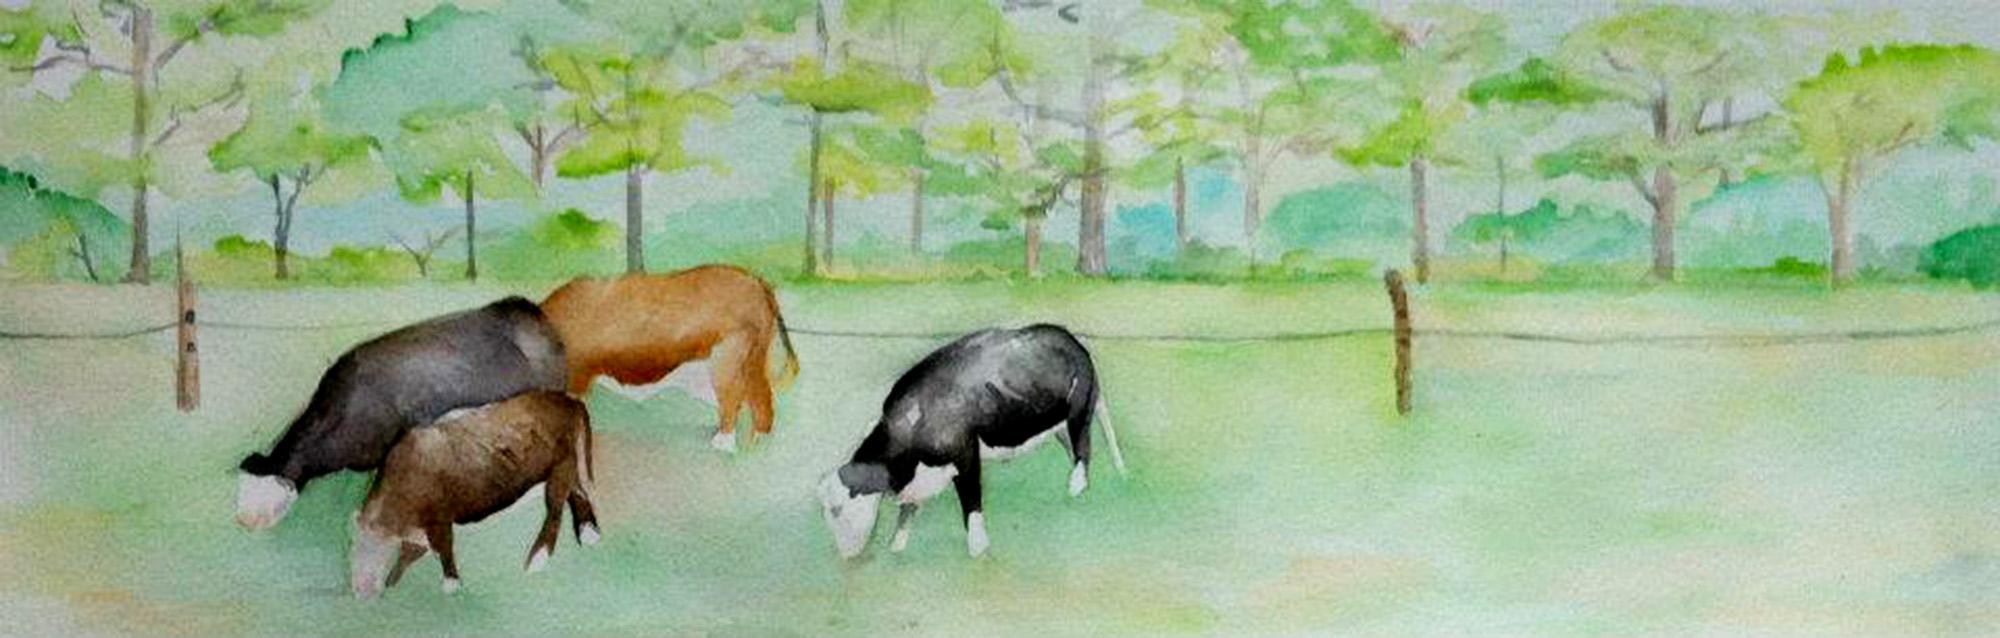 watercolor farm ashleychase.jpg